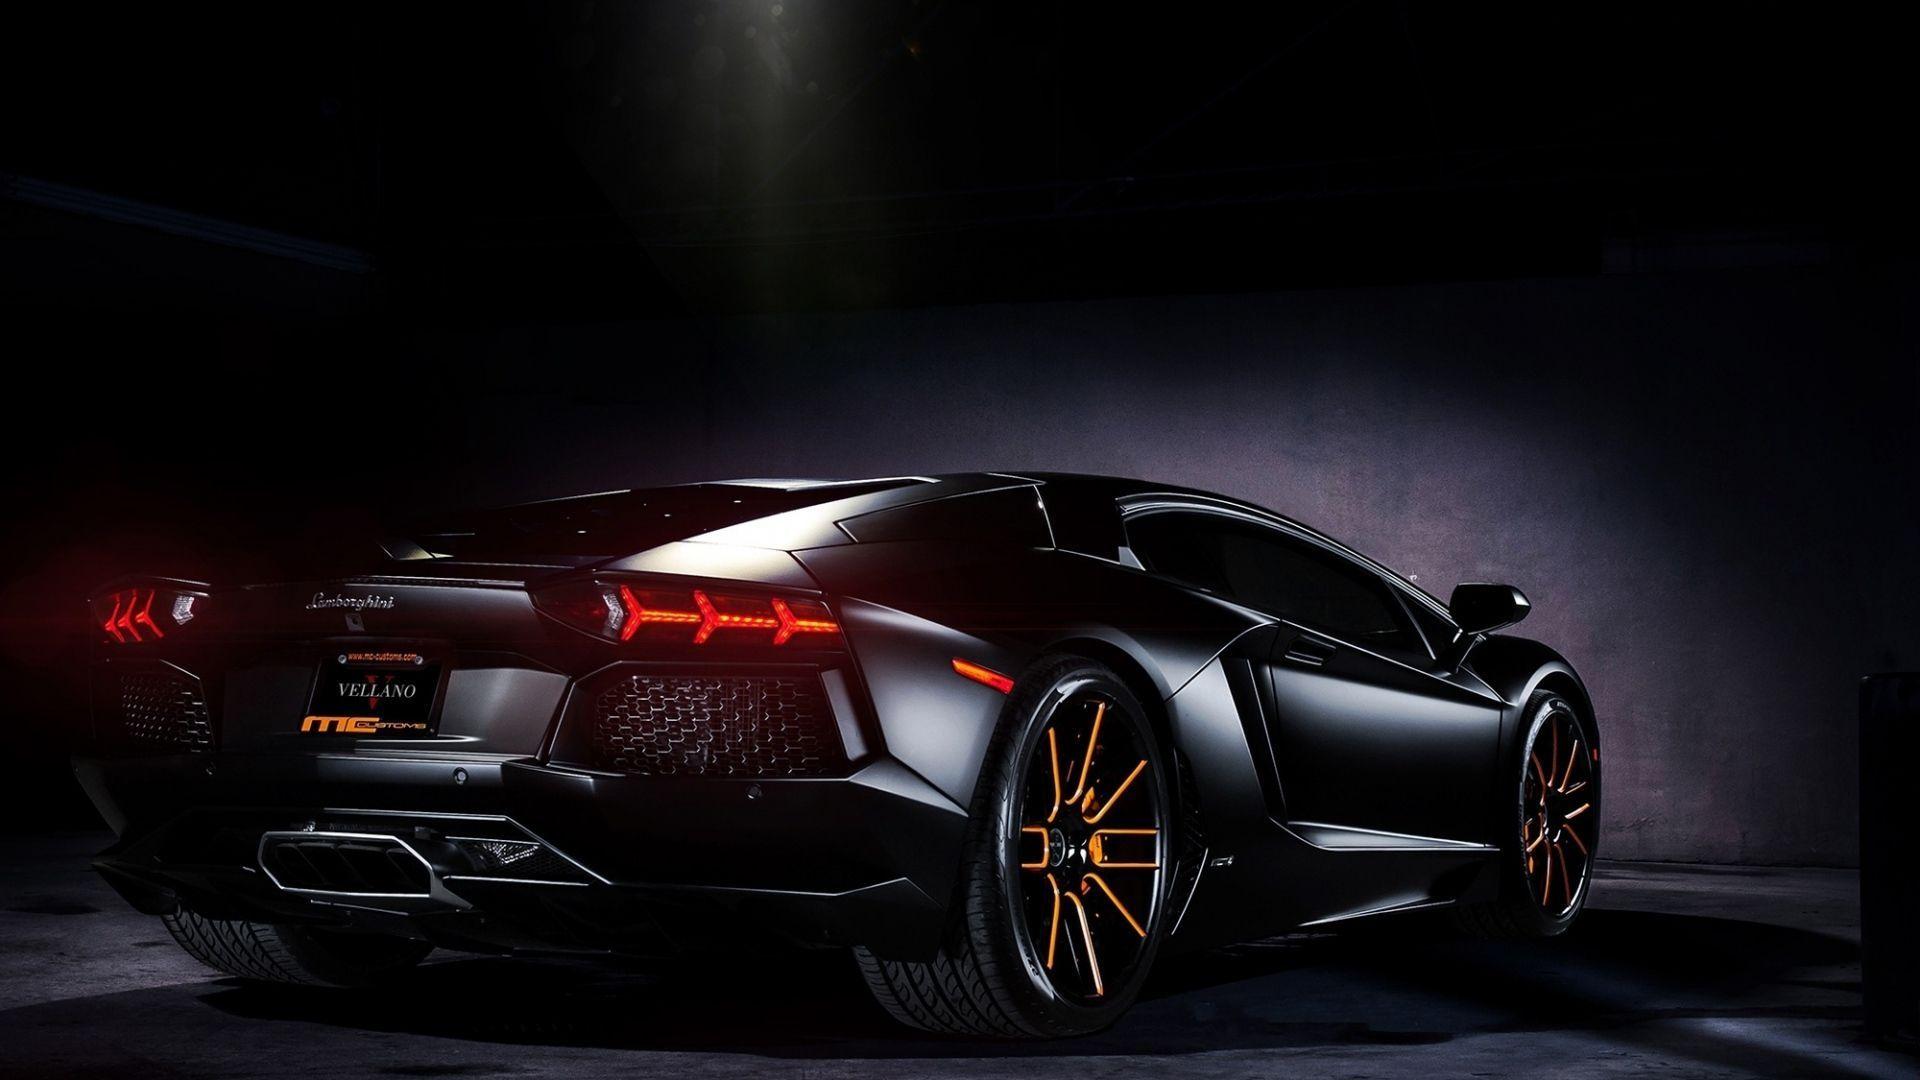 Wallpaper Full Hd P Cars Desktop Backgrounds S Pics Of Wallpapers Mobile Phones Black Aventador Lamborghini Lp